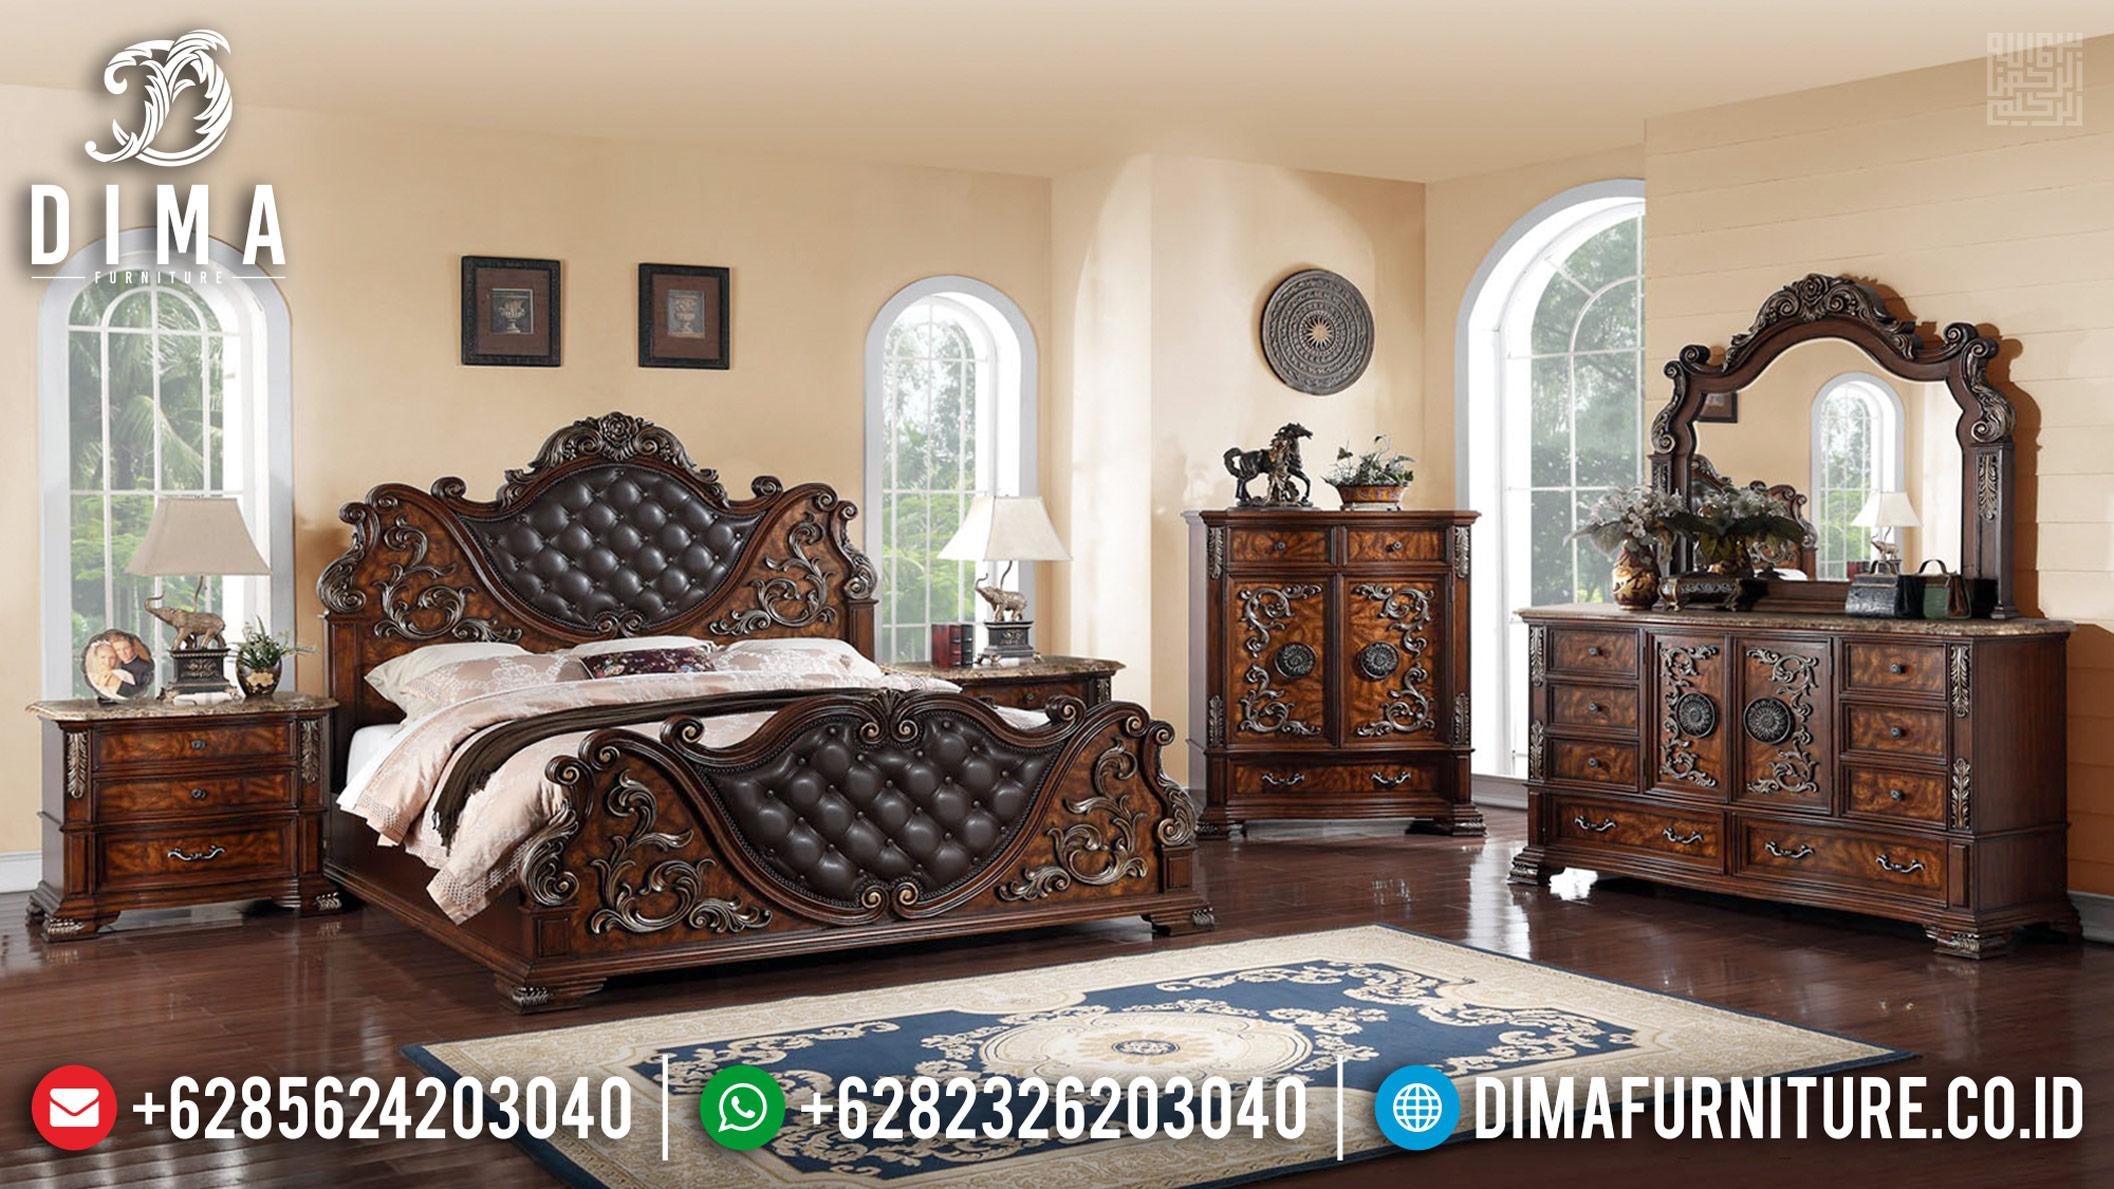 Set Kamar Mewah Ukiran, Tempat Tidur Mewah Jati Natural, Bedroom Sets Luxury Royals TTJ-0324